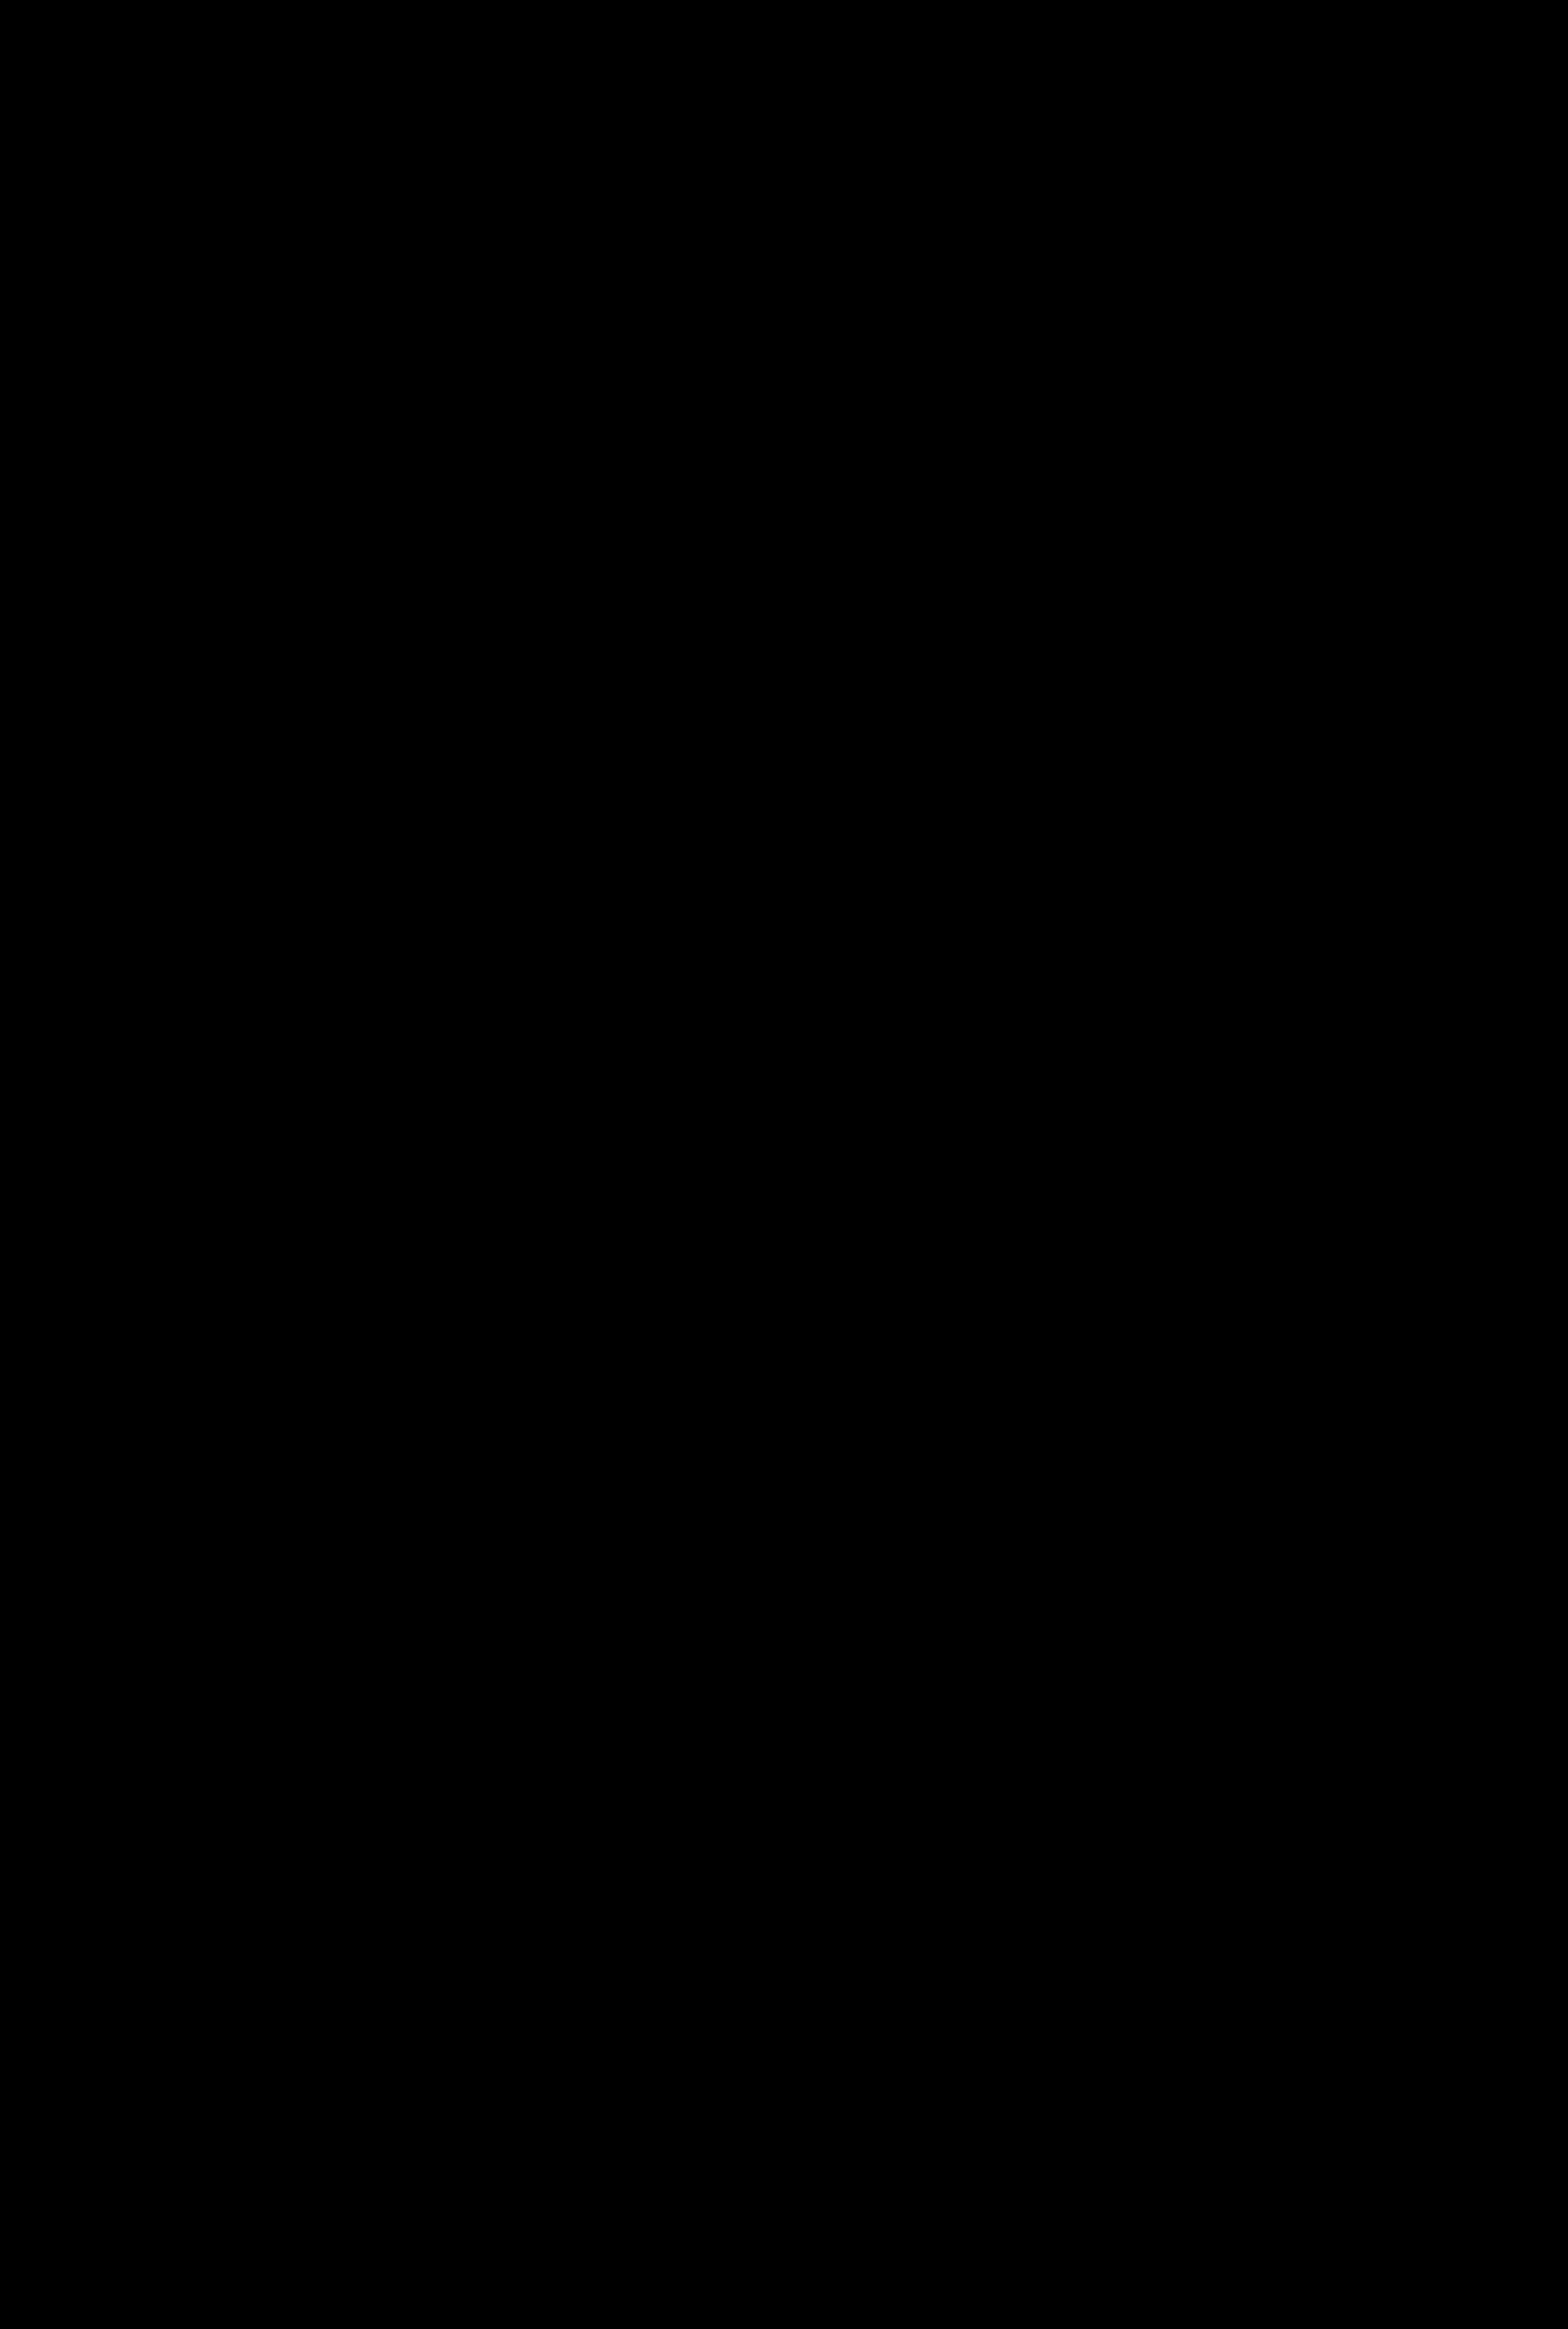 Huella Digital Blanca y Negra PNG transparente.